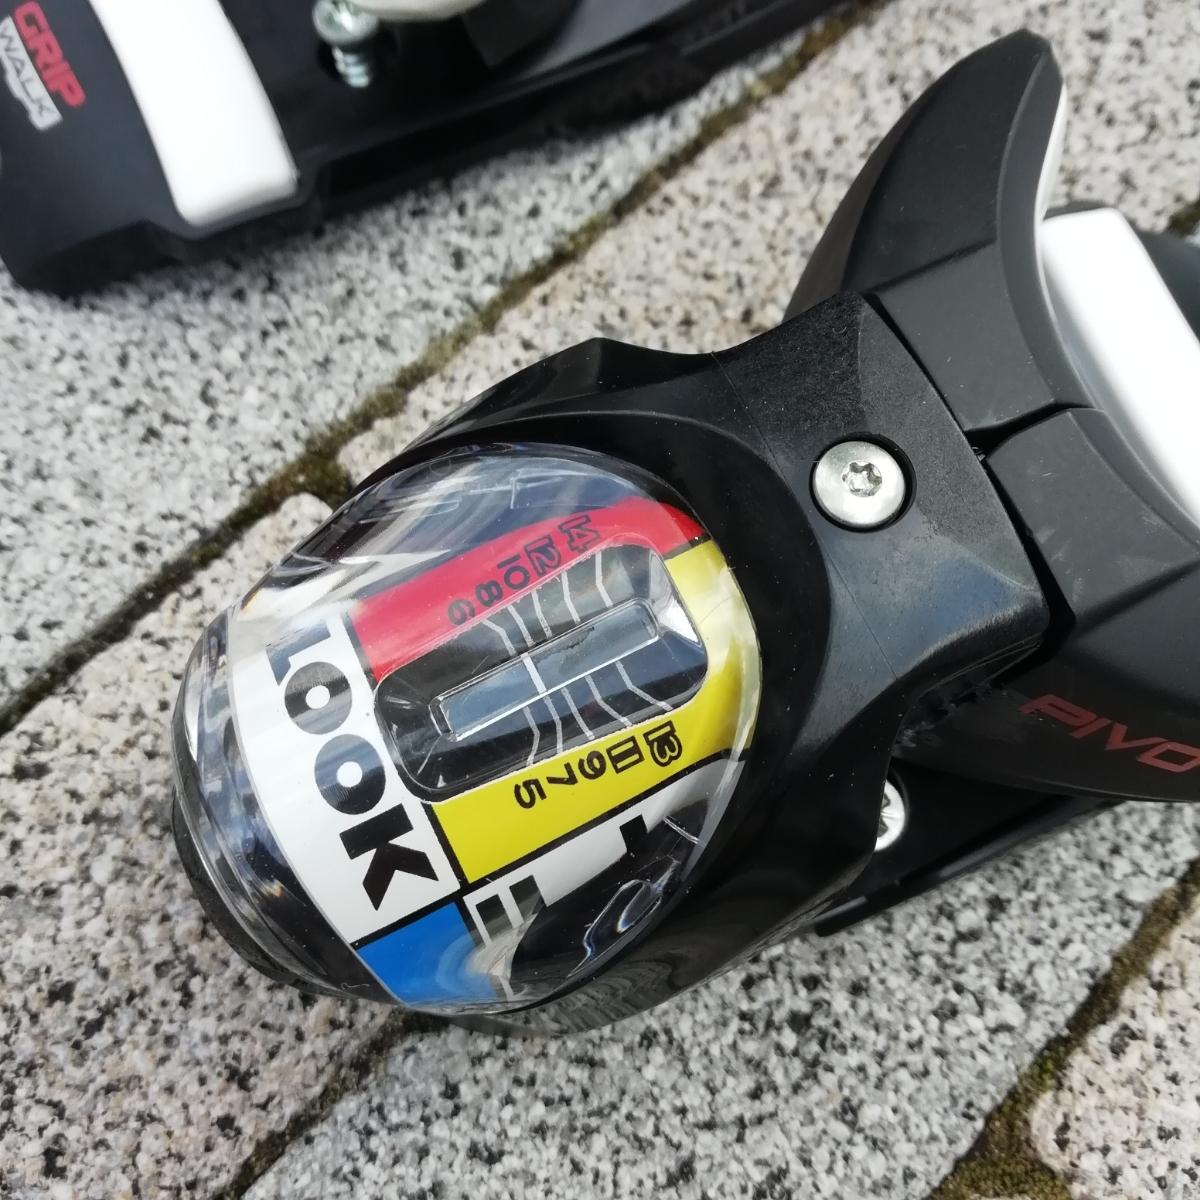 LOOK P14-MR ブラックアイコン 2018-19モデル アルペンブーツ専用です!(デュアルではありません) ルック m_画像3